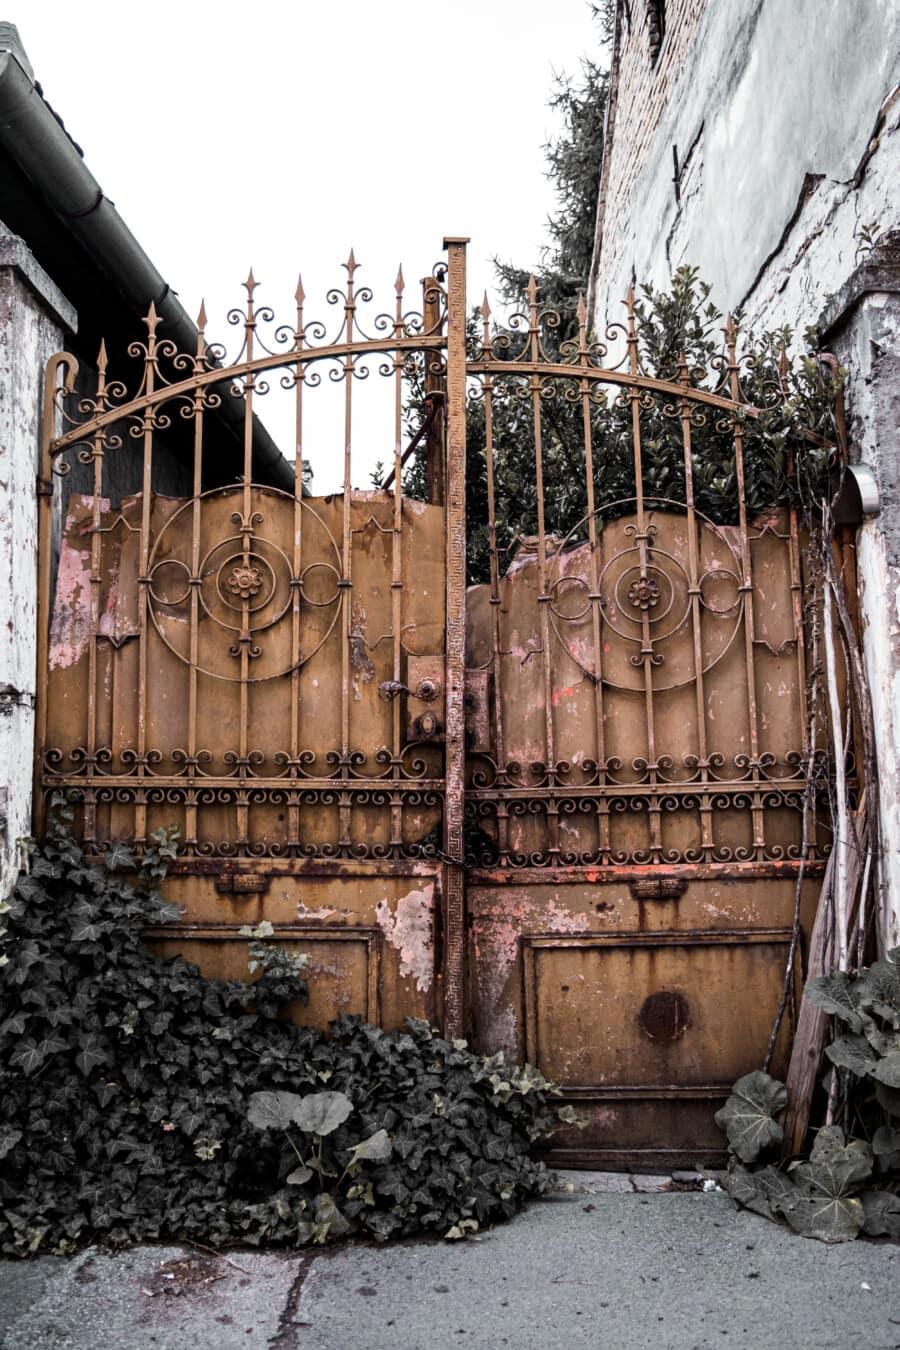 Porte, fer de fonte, fait main, rouille, Grunge, carie, maison, abandonné, lierre, vieux